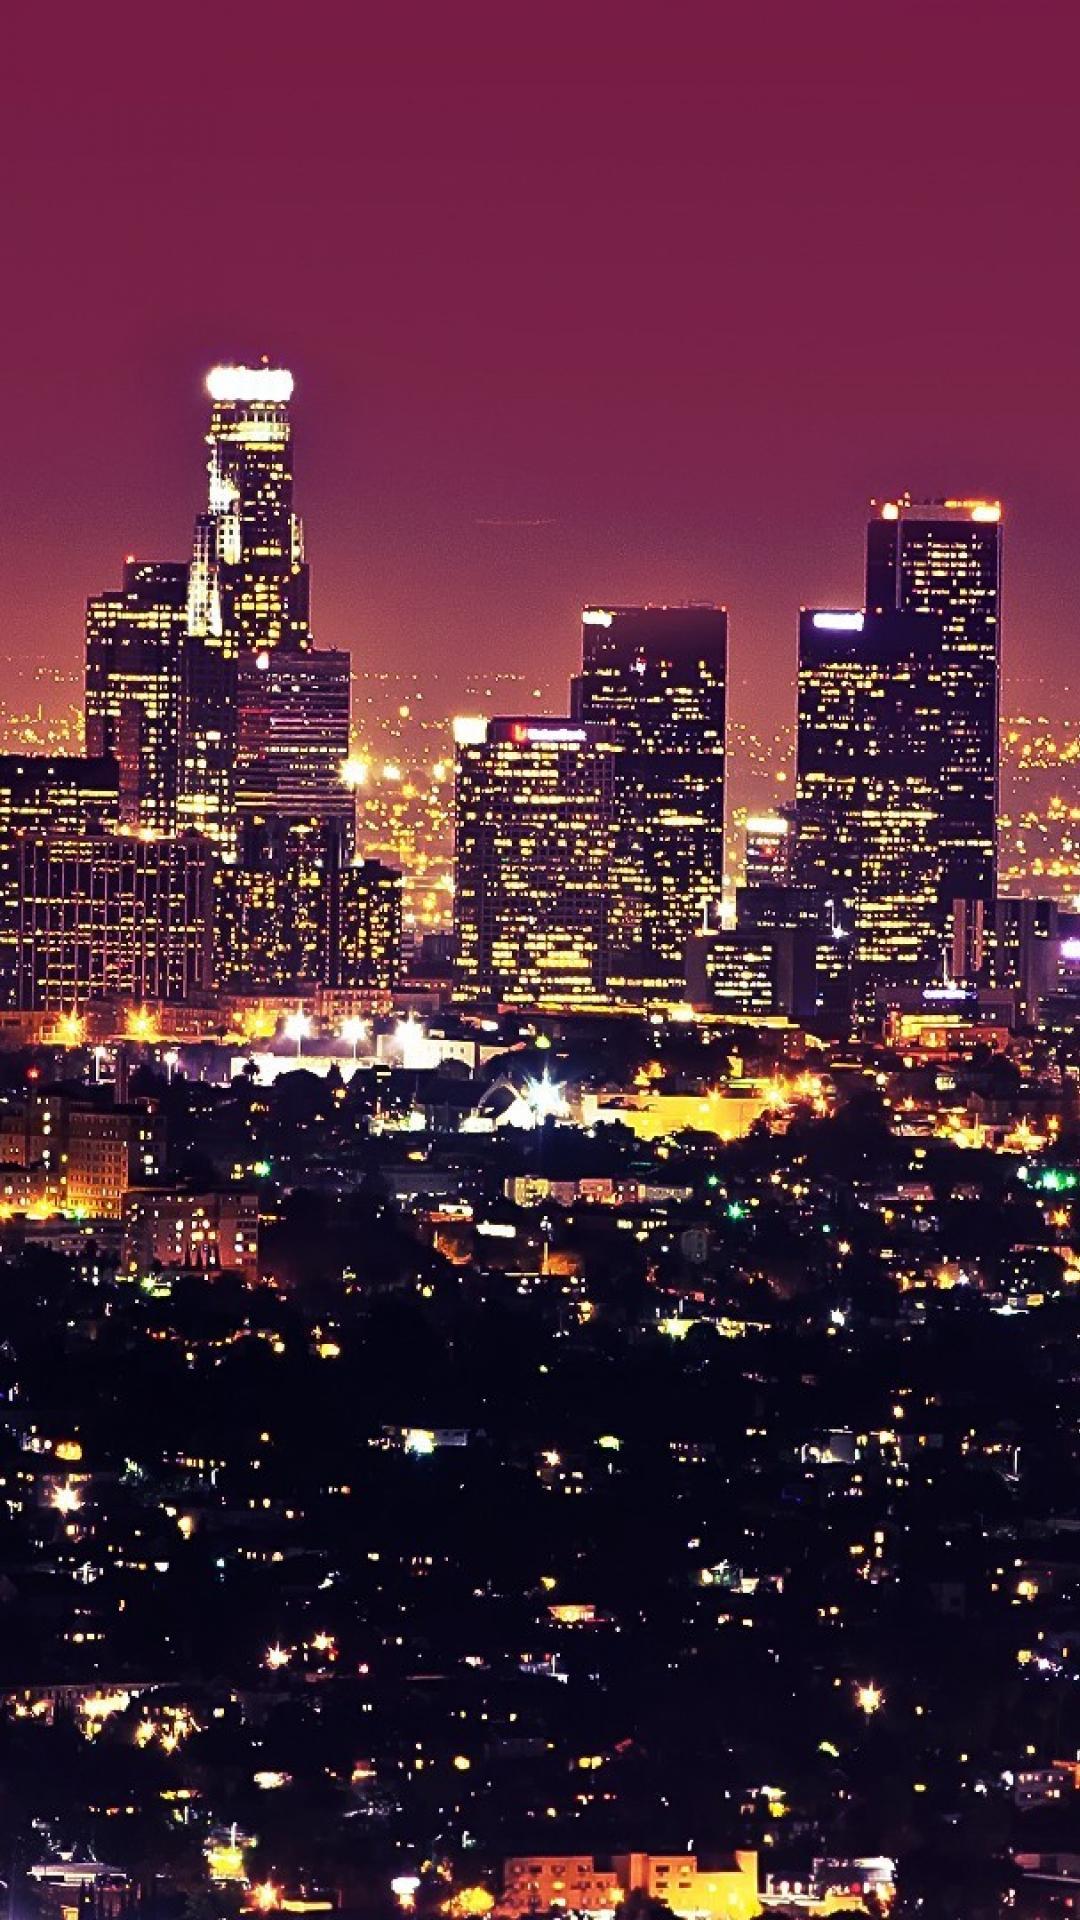 ロサンゼルス壁紙4k ロサンゼルスの携帯電話の壁紙 1080x19 Wallpapertip